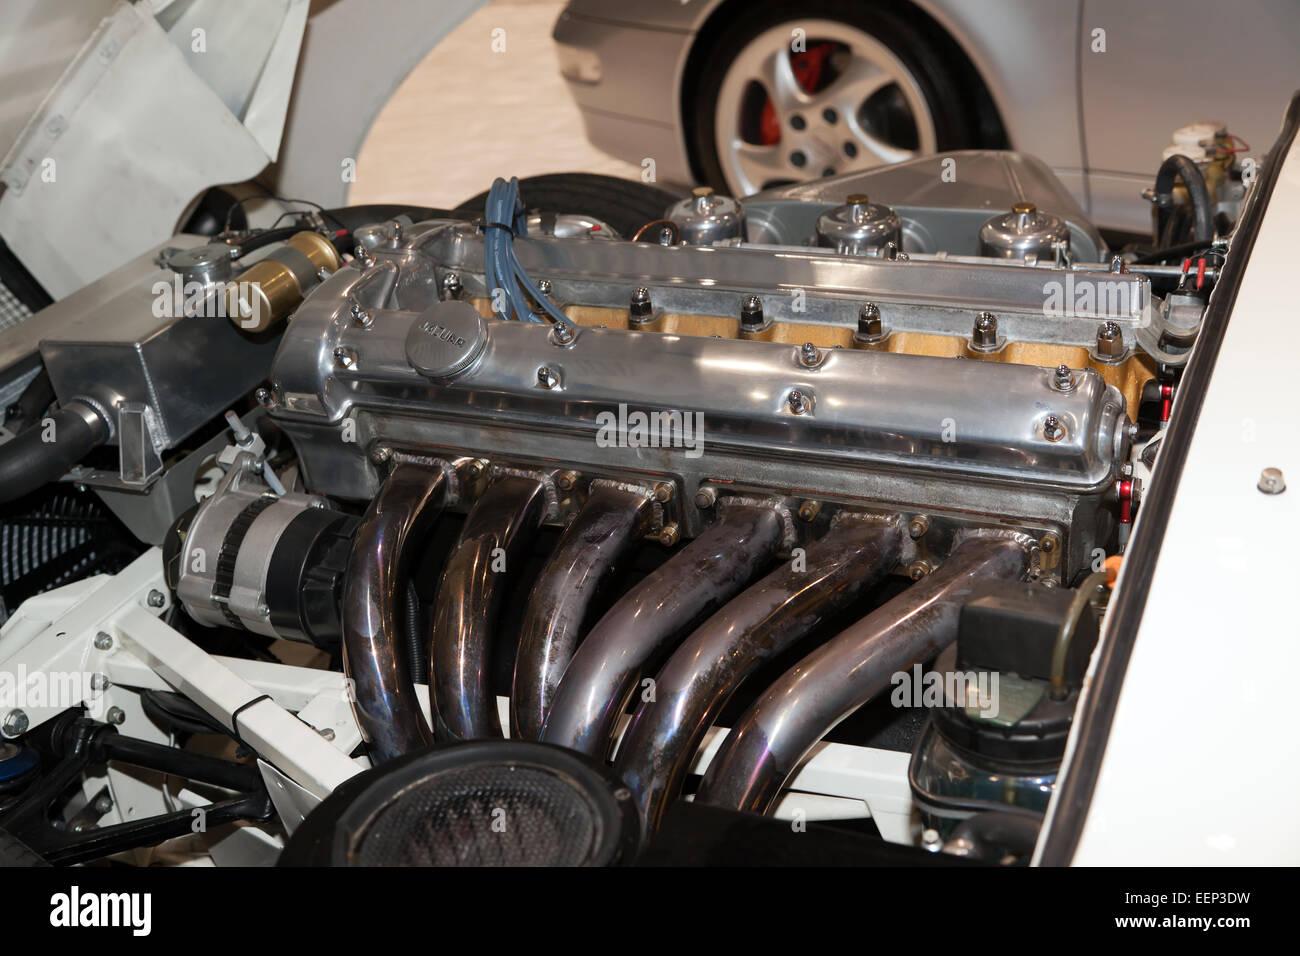 rileys engines ford engine pin jaguar jim roadster